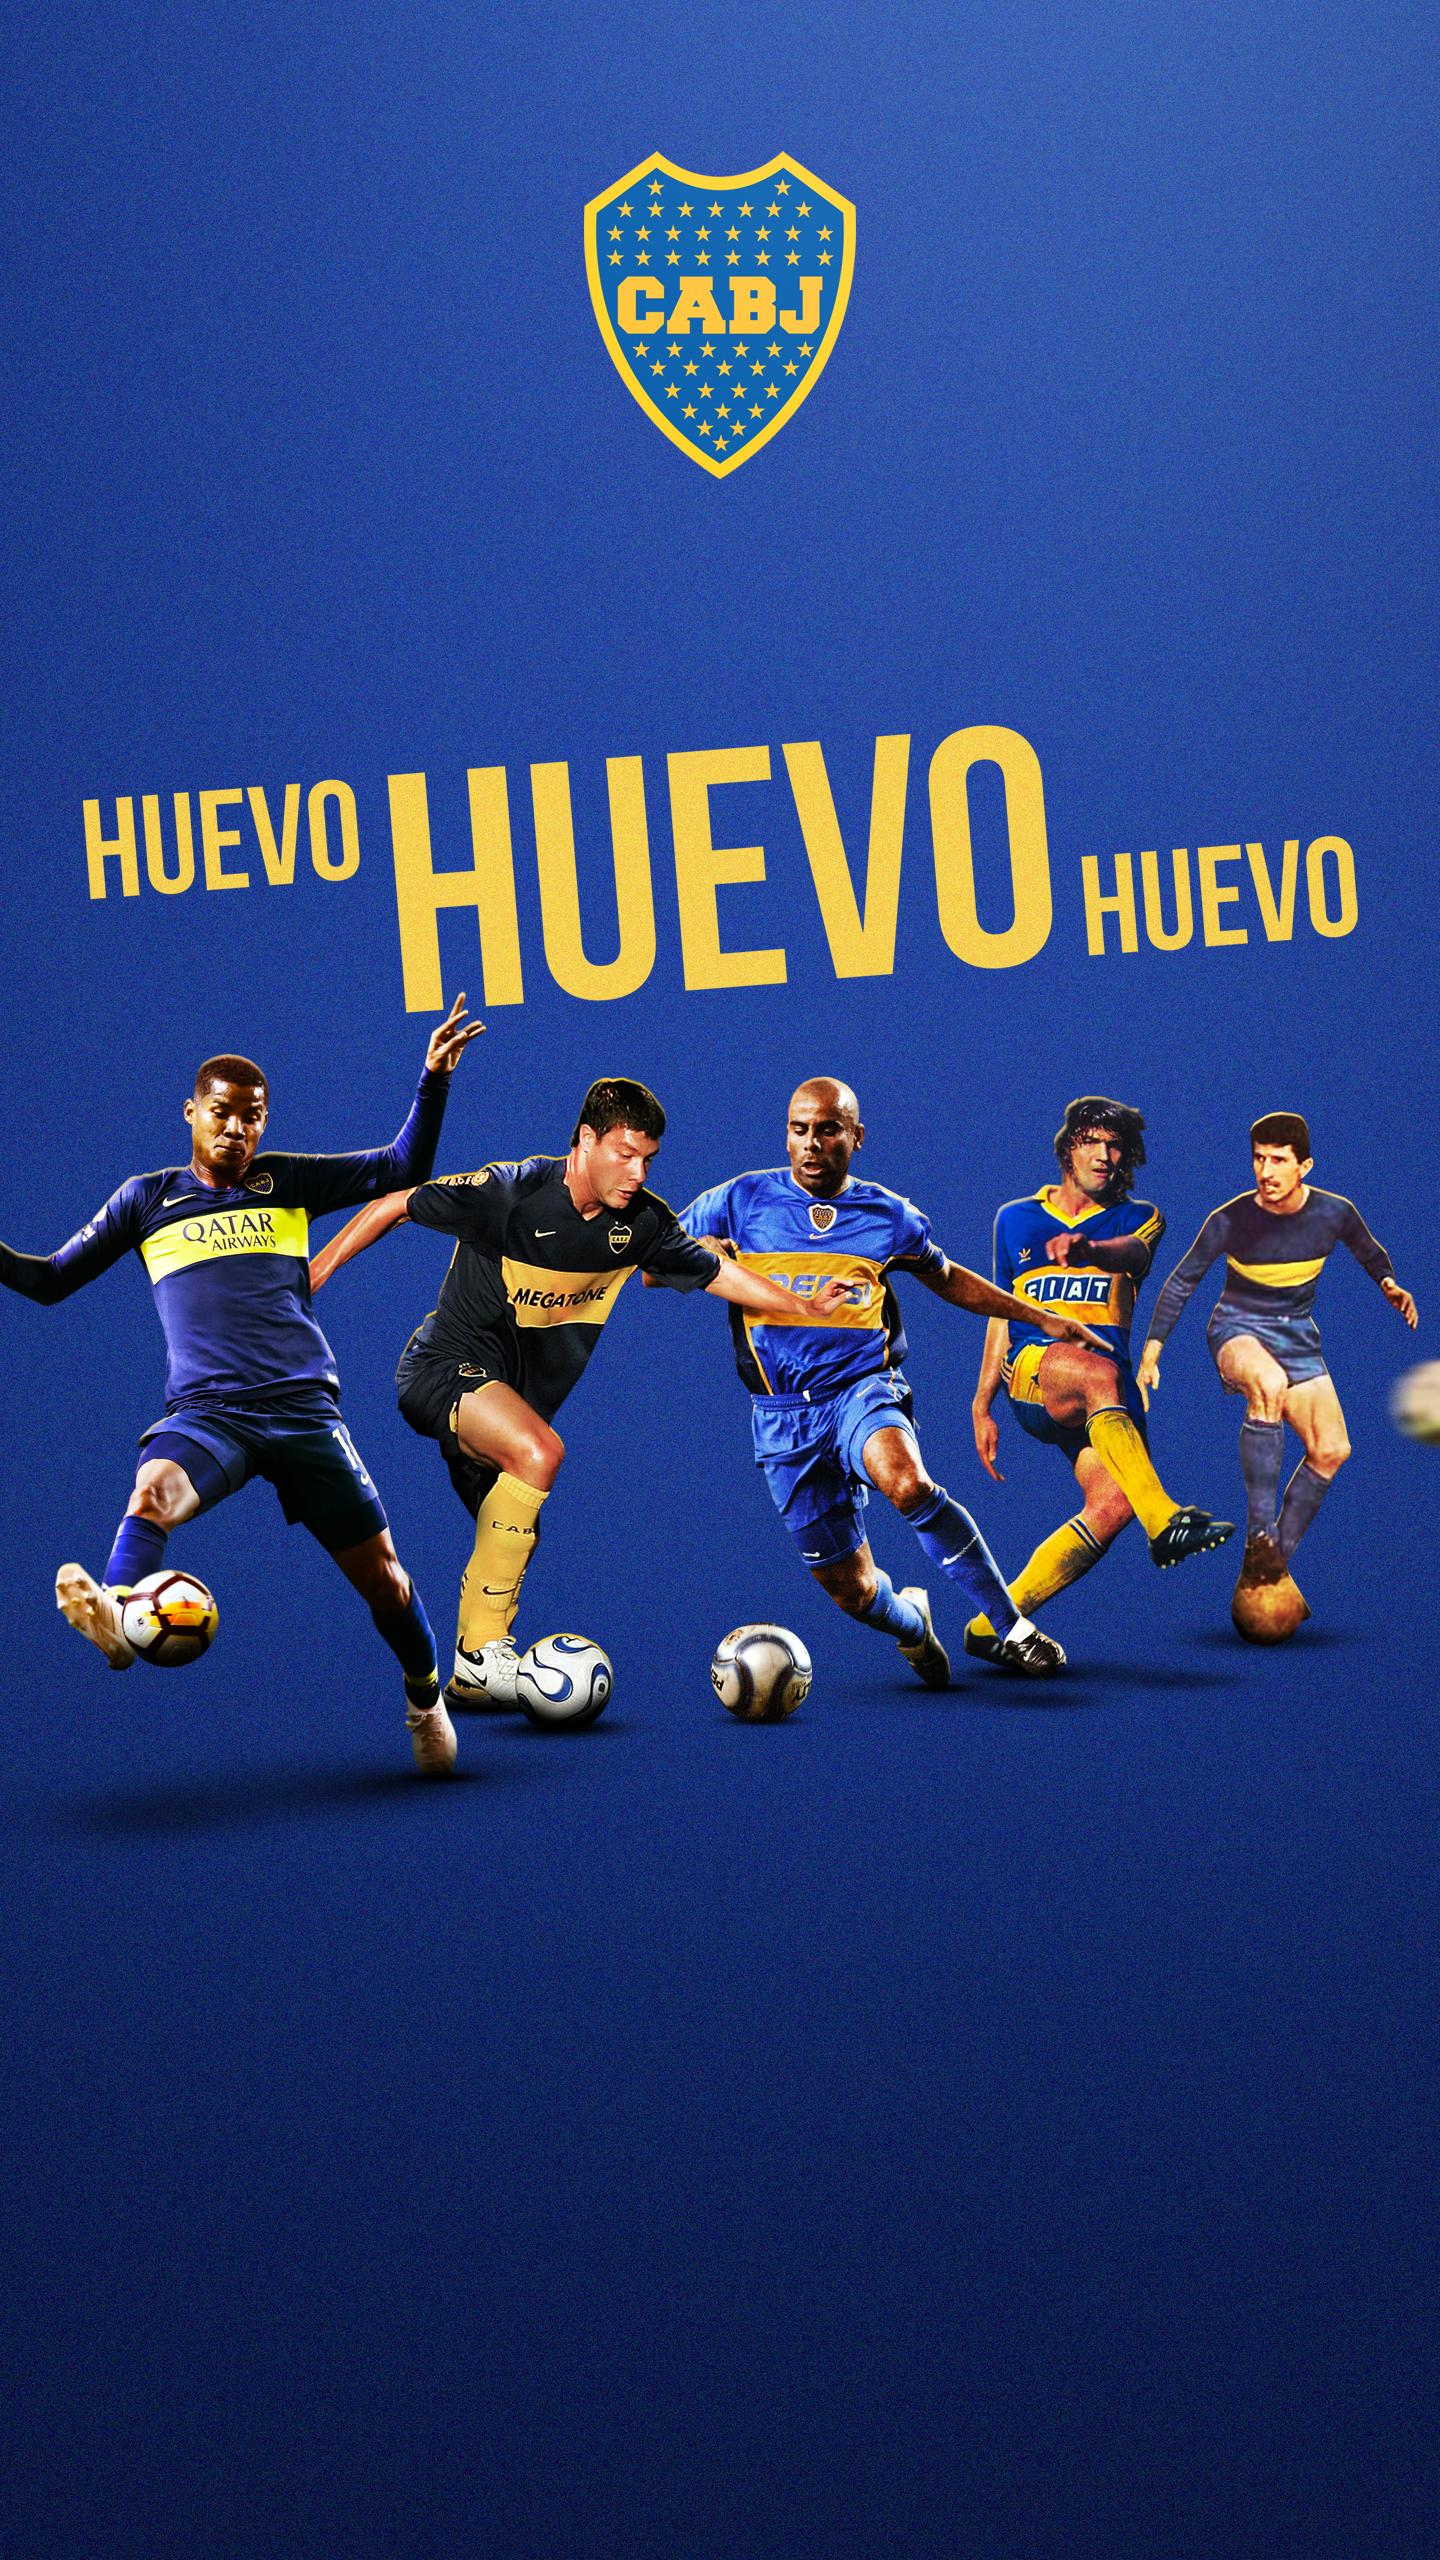 HUEVO-HUEVO-MOBILE